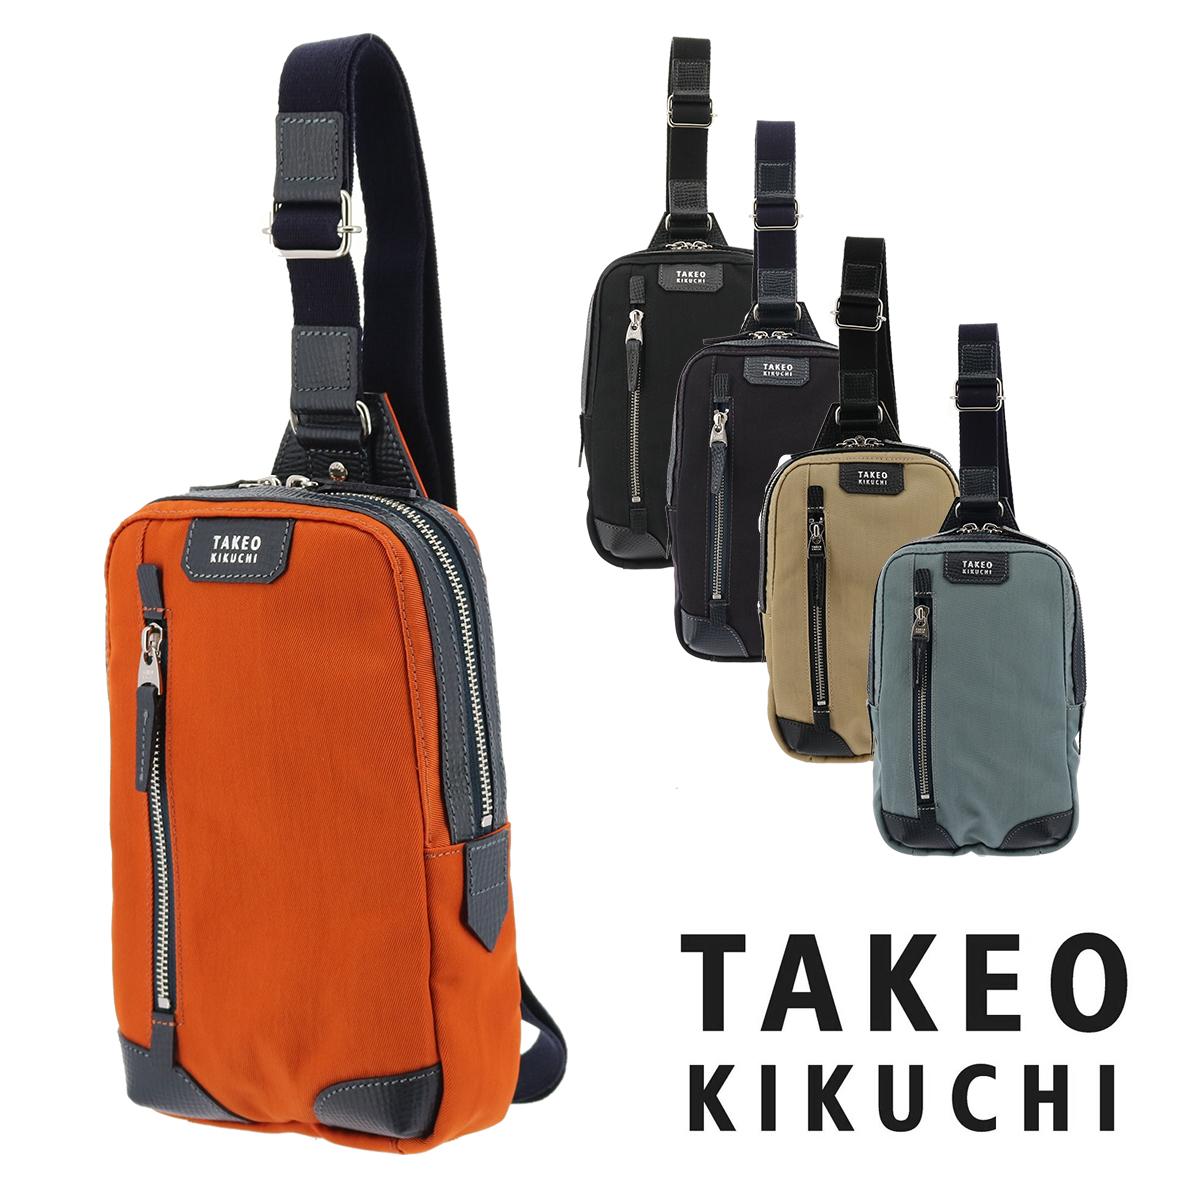 タケオキクチ ボディバッグ 741911 オリオン | TAKEO KIKUCHI ワンショルダーバッグ 撥水 メンズ[bef][PO5]